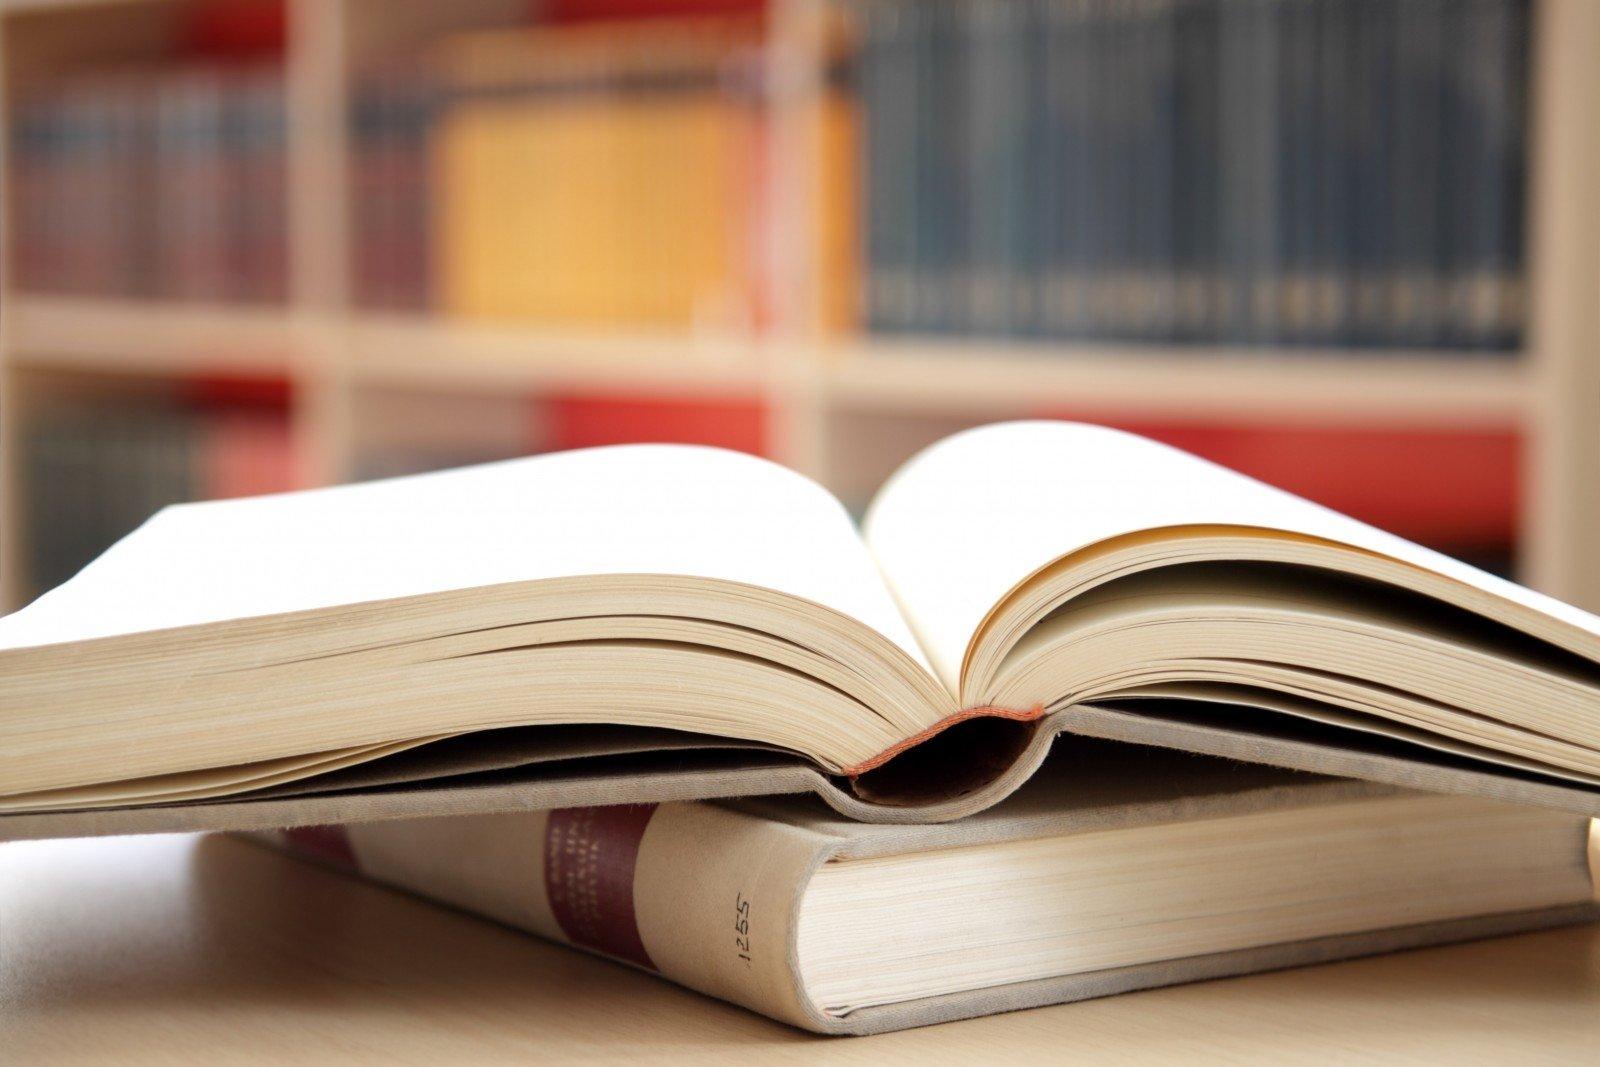 Картинки библиотечных книг